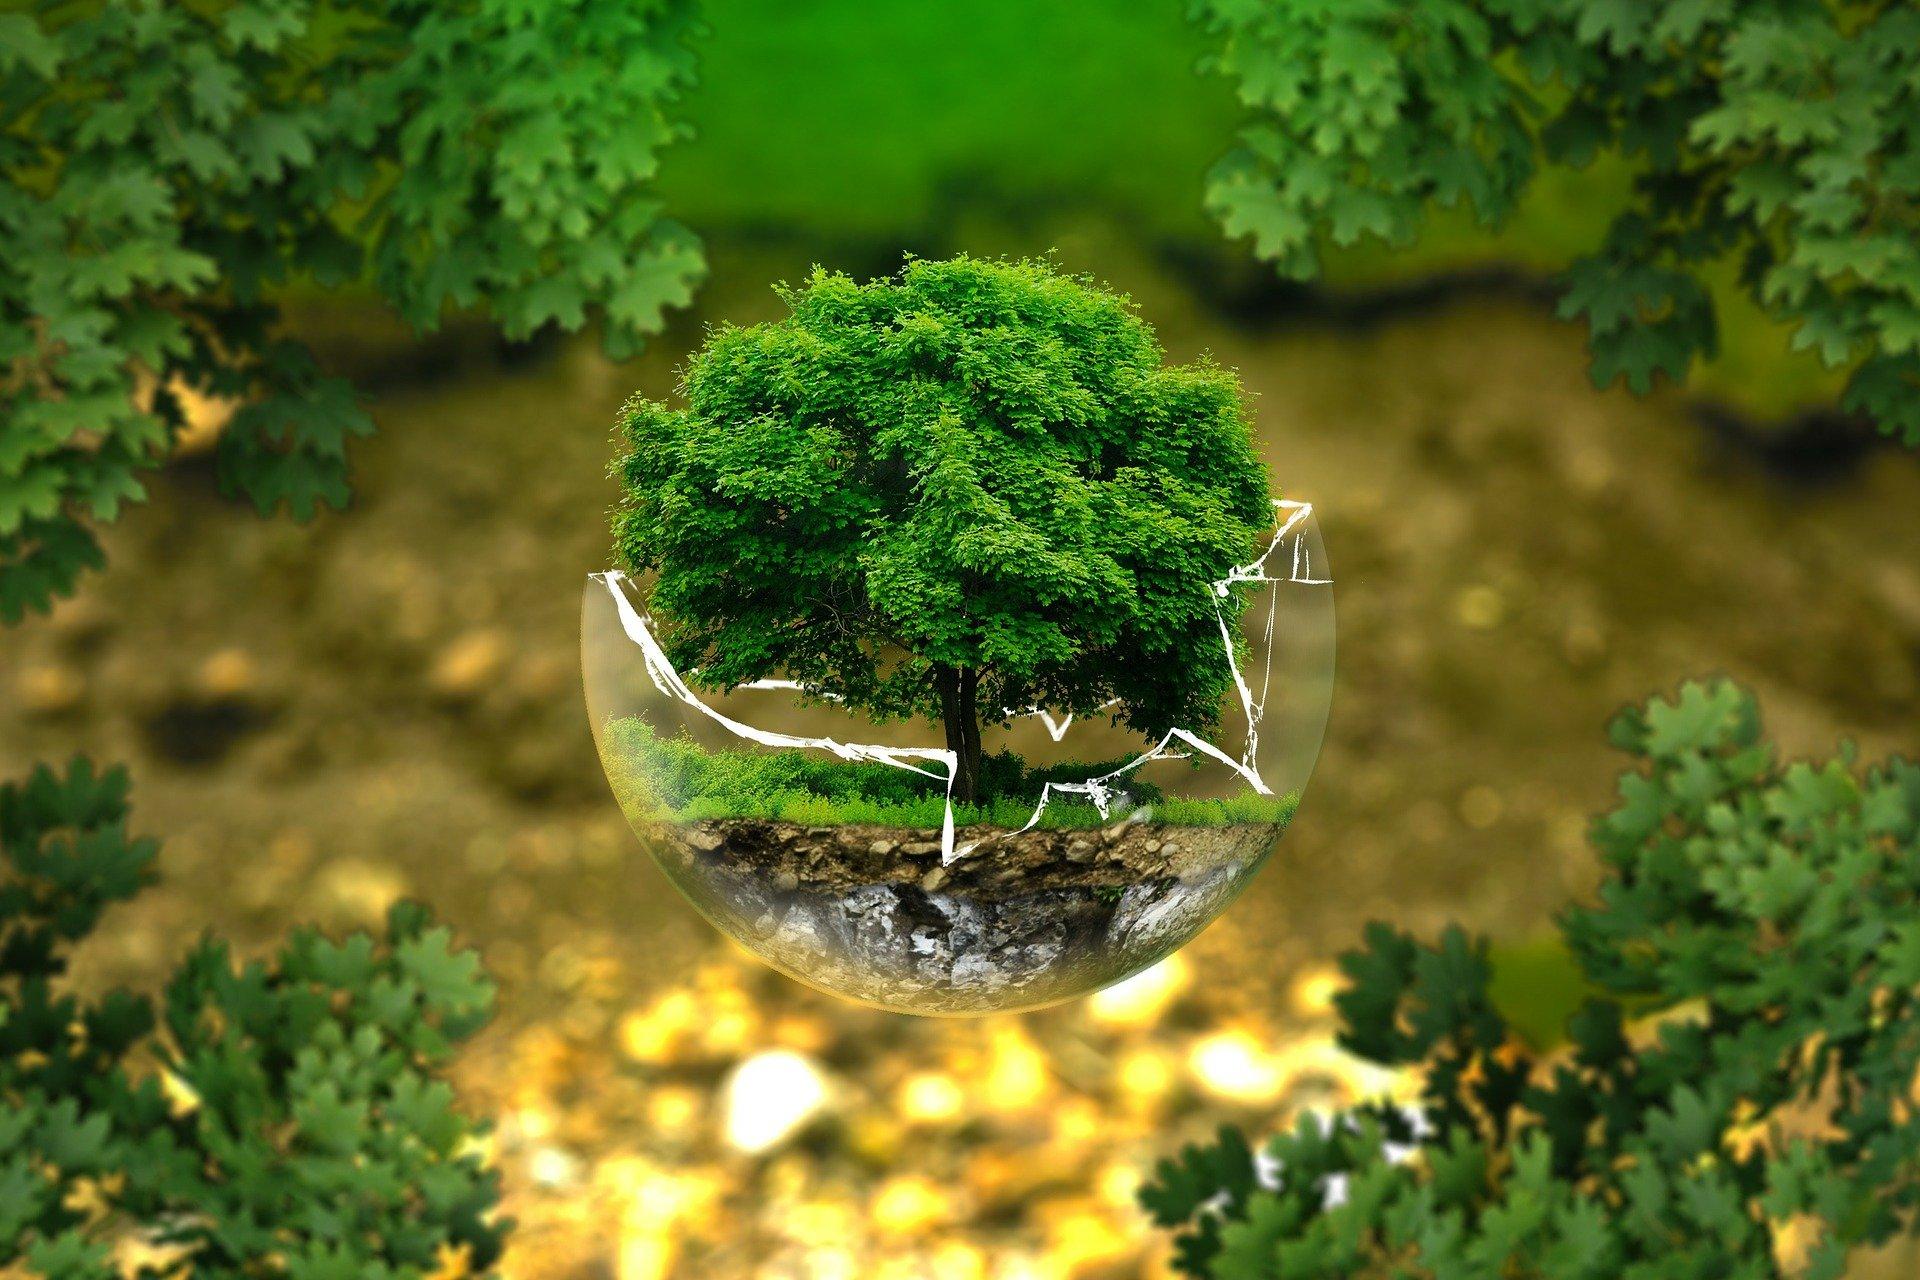 Umweltschutz: Vortrag und Preisverleihung